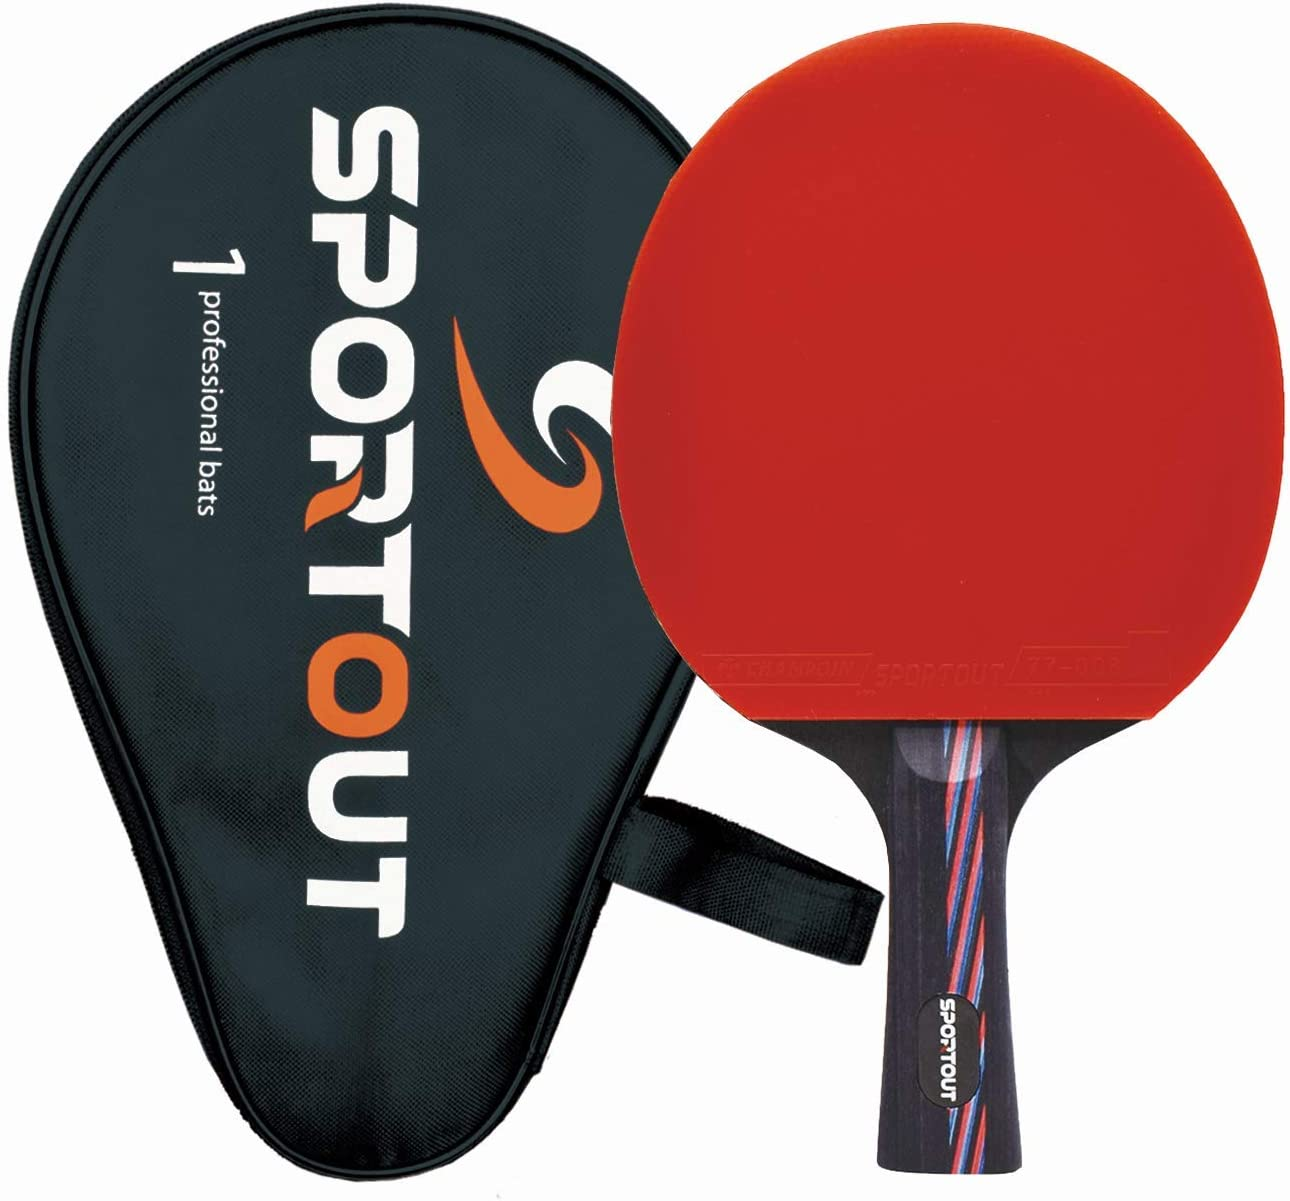 Sportout ITTF - Raqueta de tenis de mesa con funda, 9 capas de madera y 8 capas de carbono